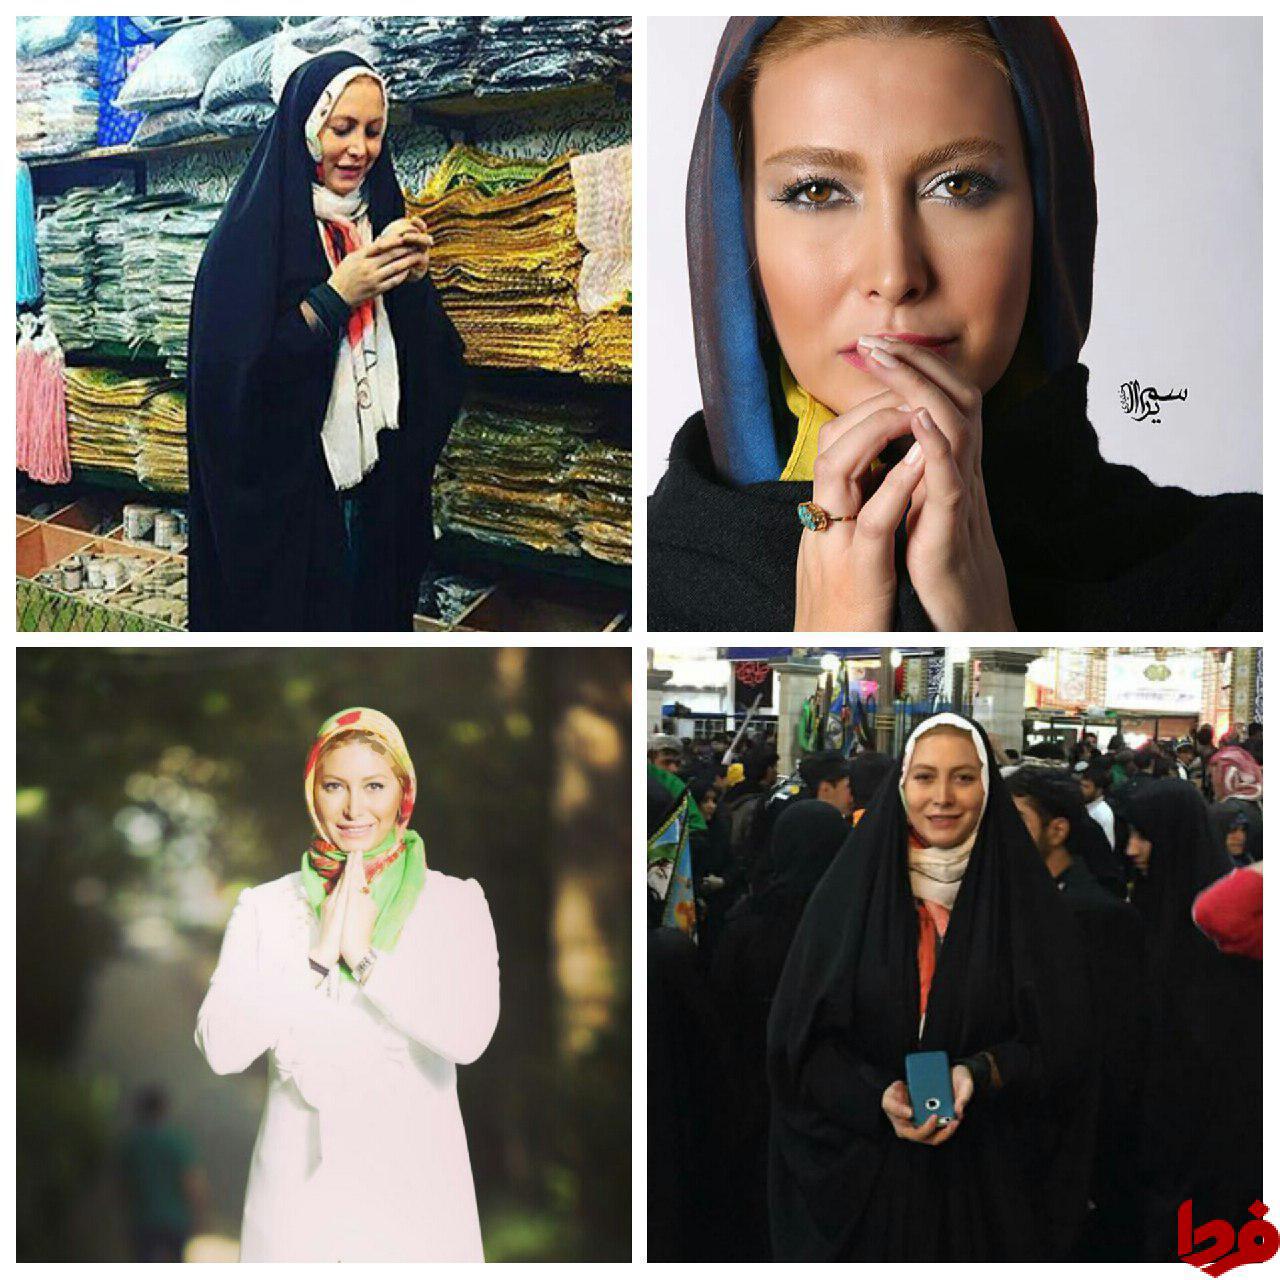 فریبا نادری :نماز میخوانم و مرجع تقلیدم آیتالله مکارم شیرازی هستند+تصاویر